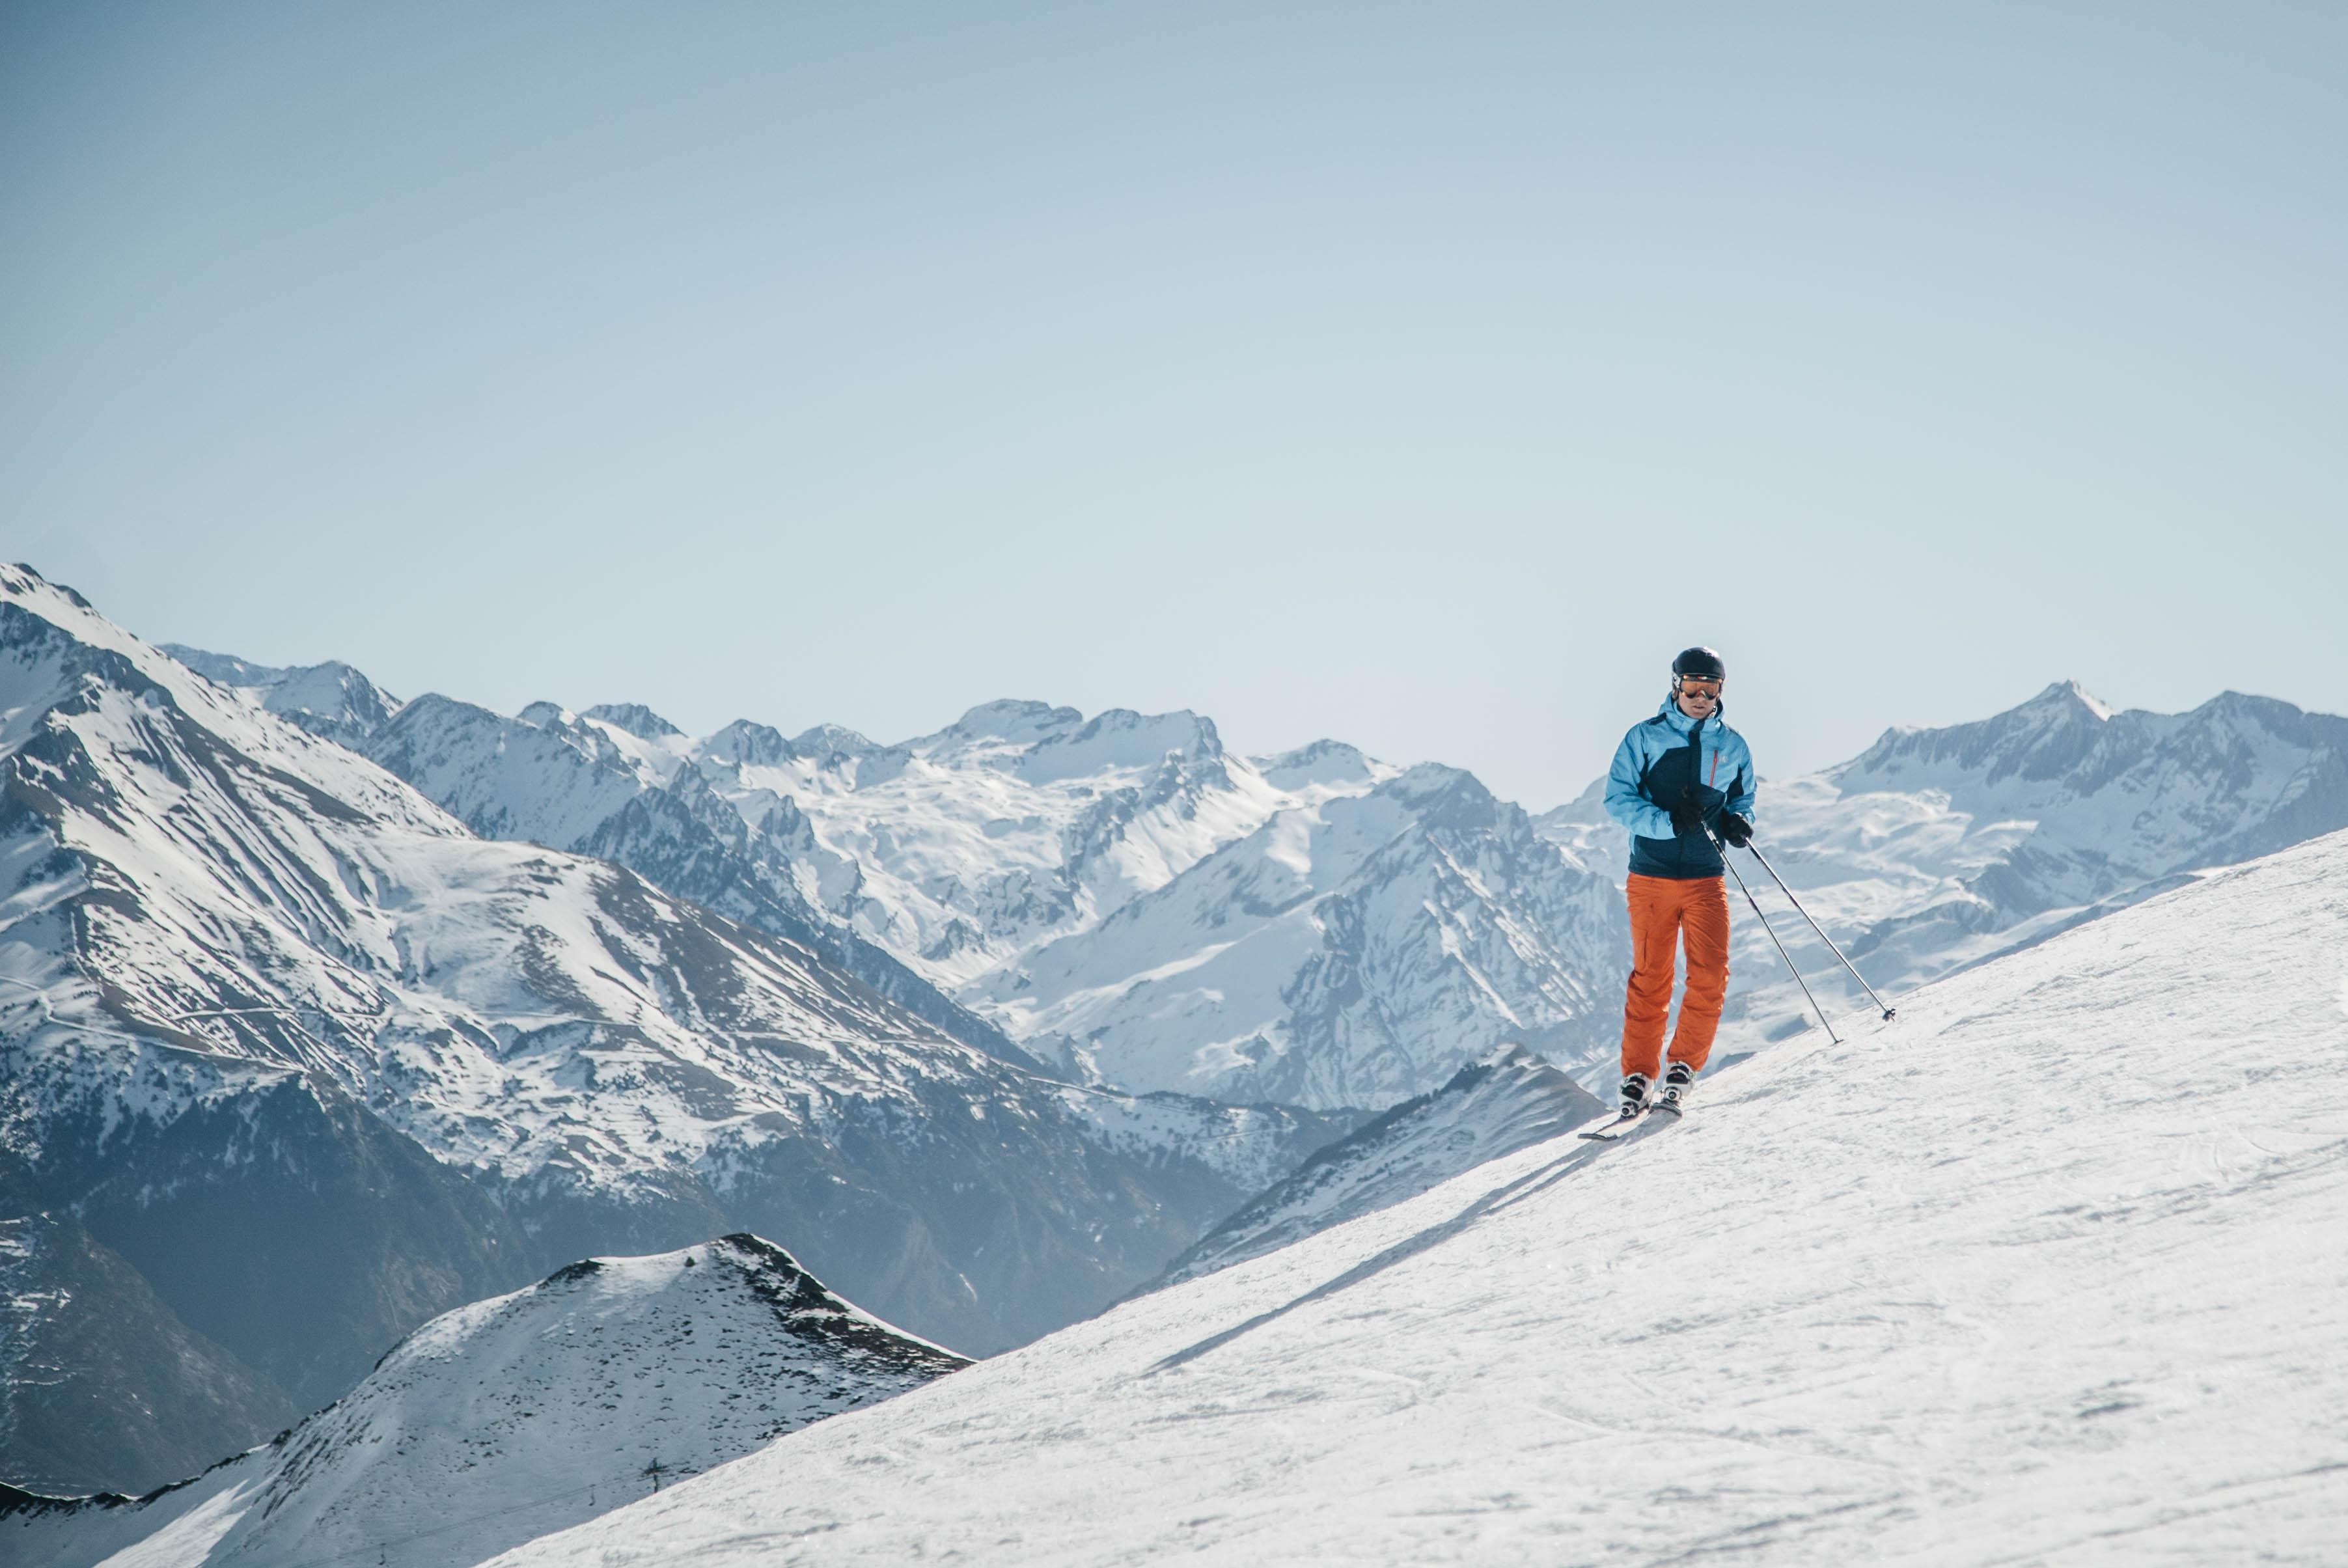 El esquí, rey de los deportes de invierno